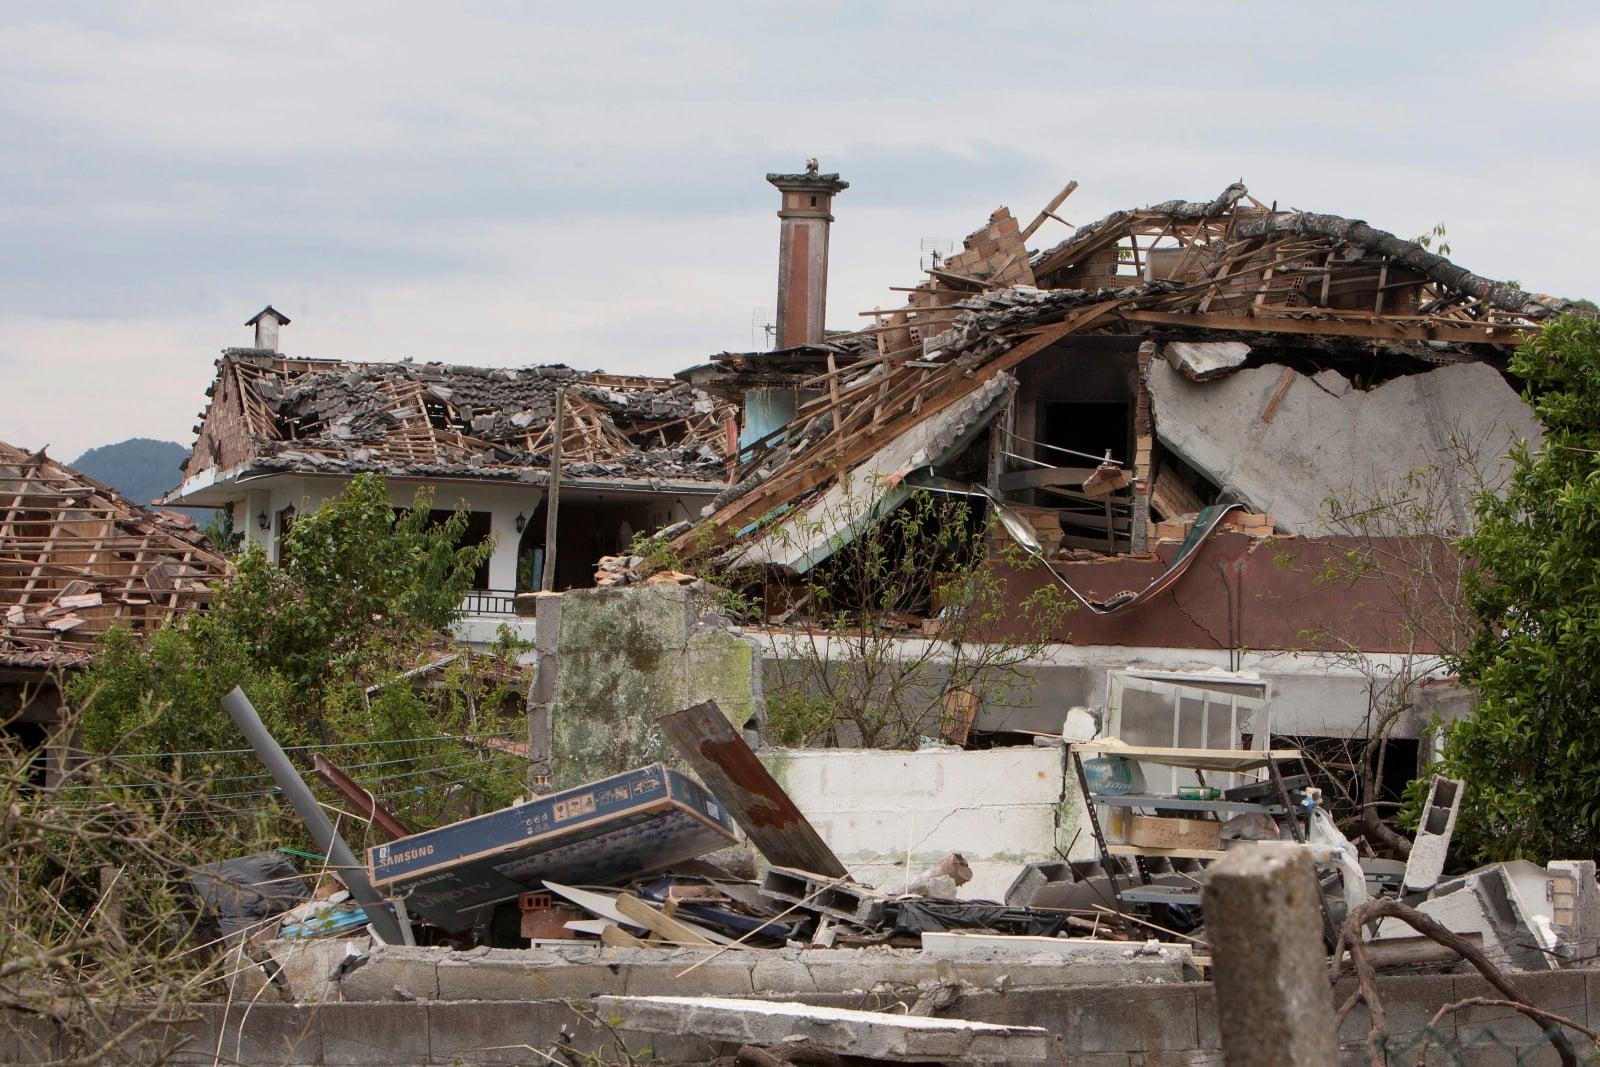 Hiszpania - Zawalony kościół po eksplozji budynku, w którym przechowywano materiały pirotechniczne  EPA/Salvador Sas